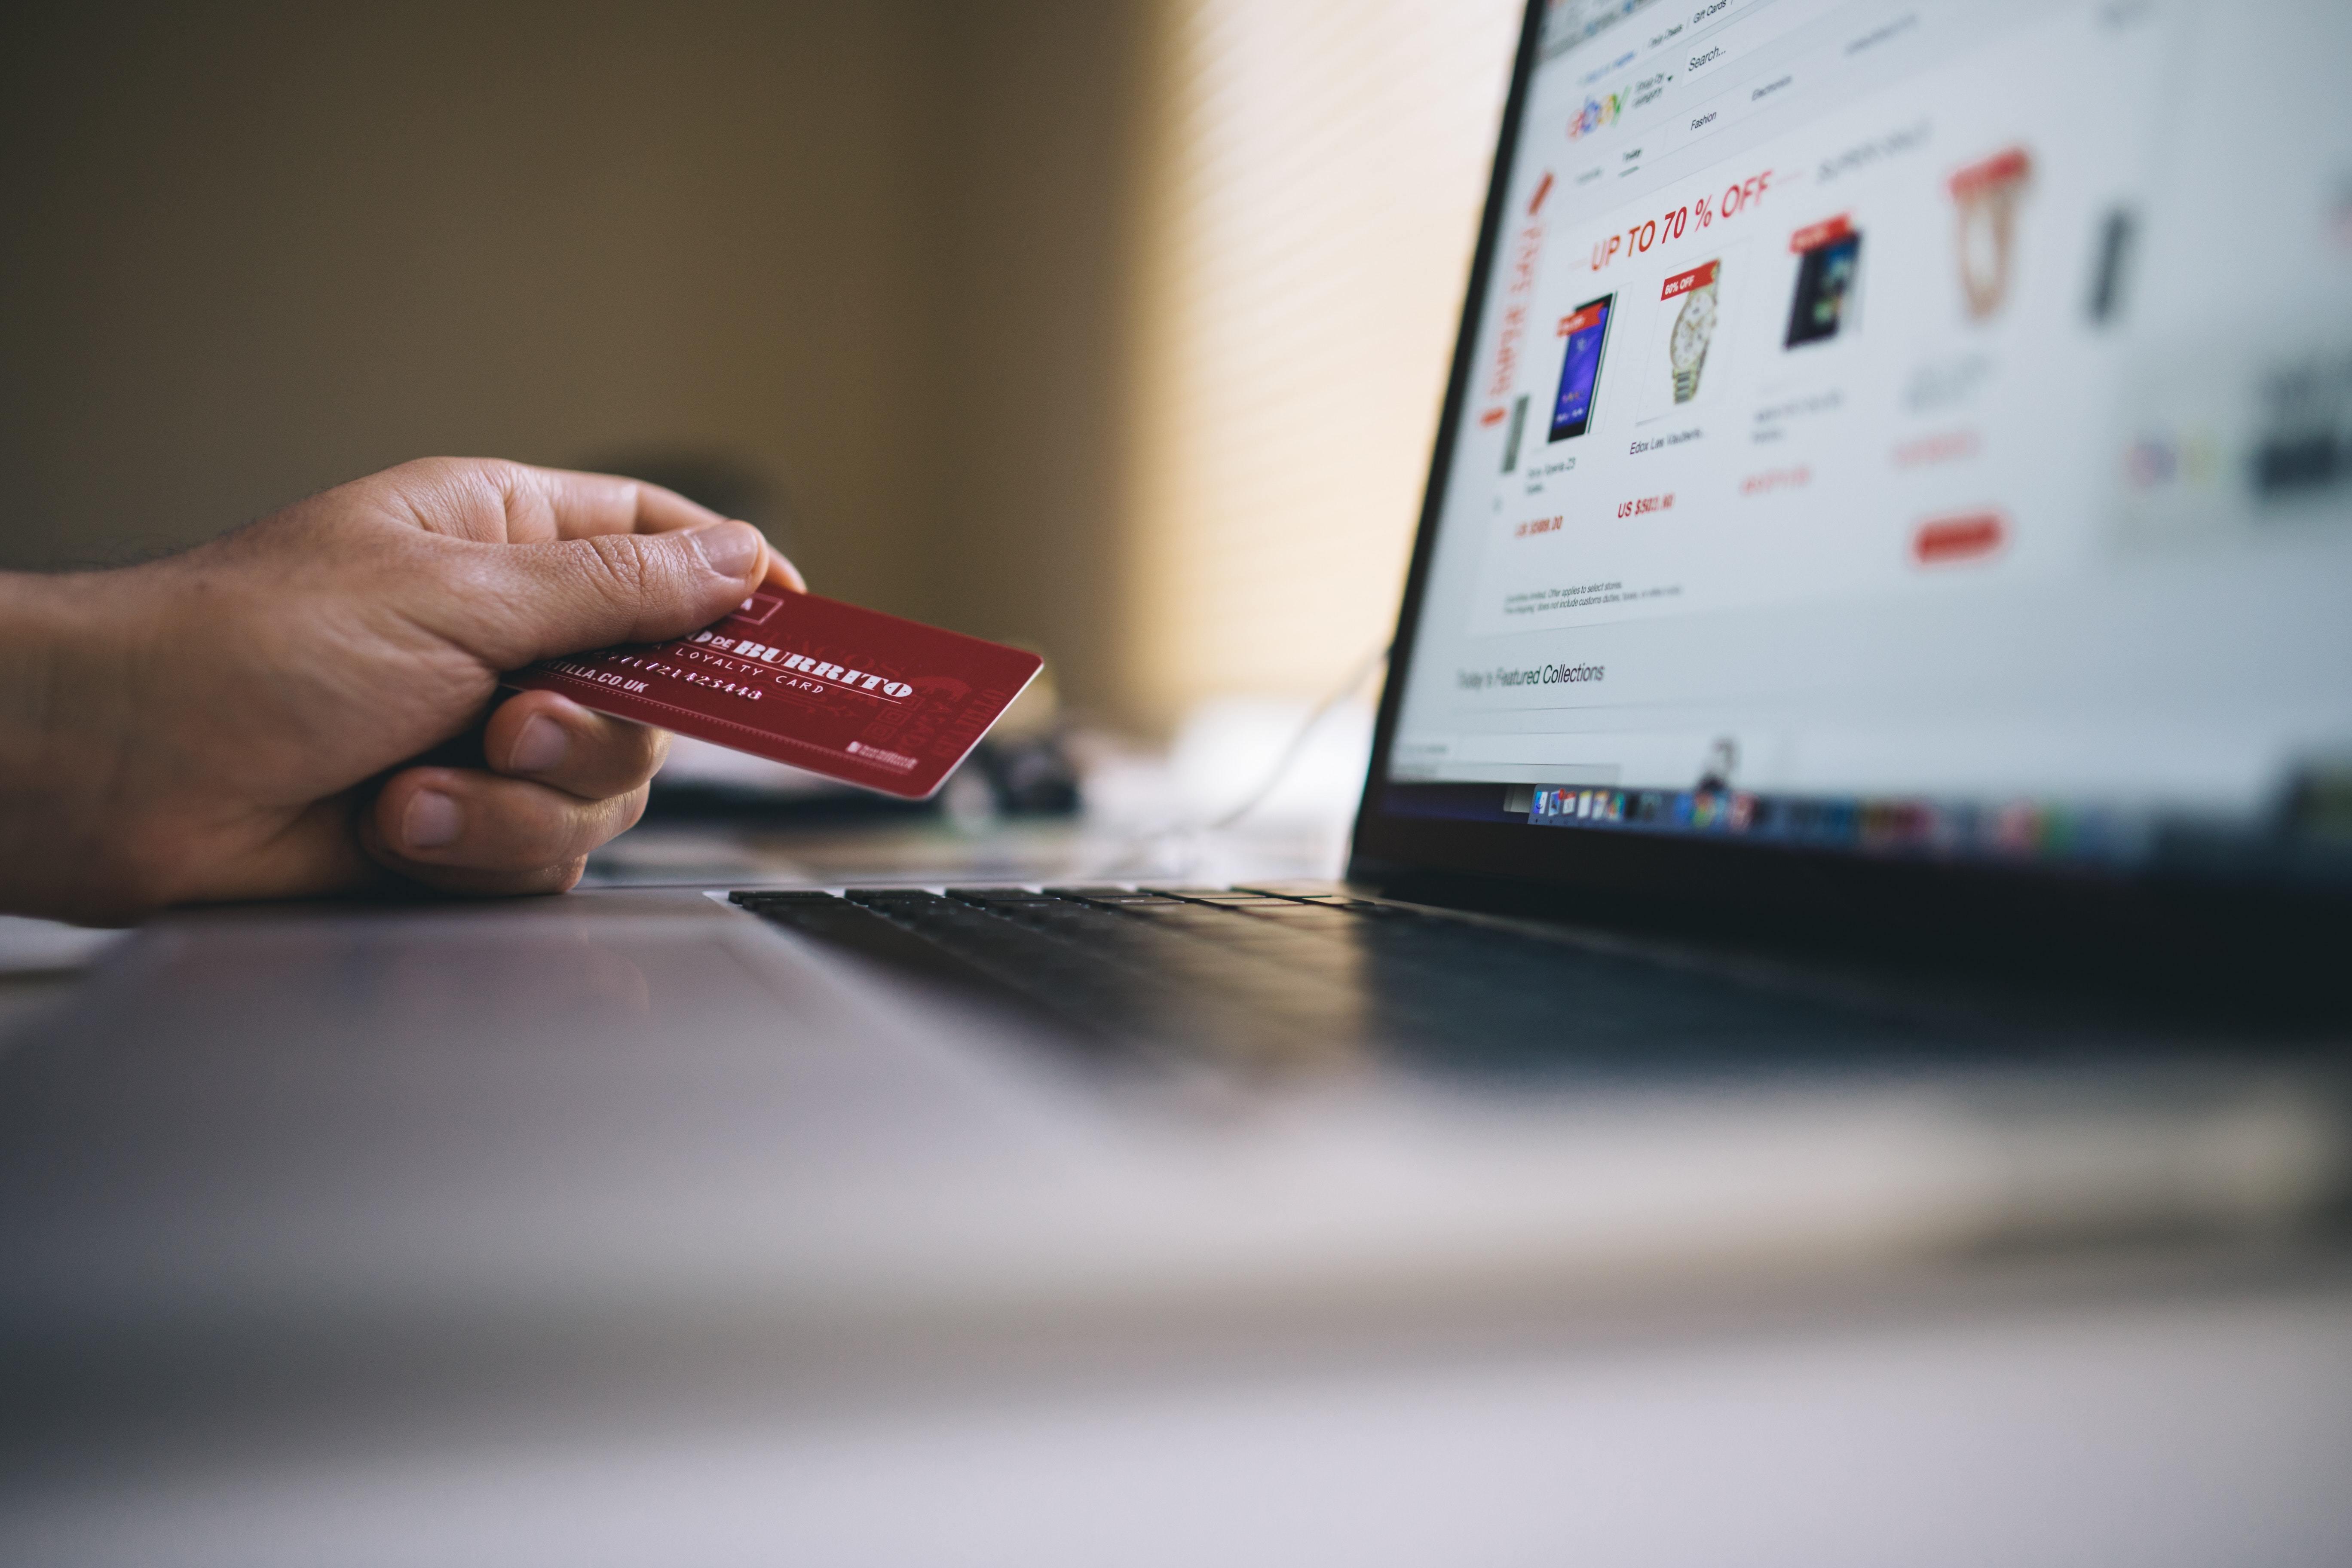 Bezahlst Du mit Kreditkarte, musst Du meist länger auf dein Geld warten.